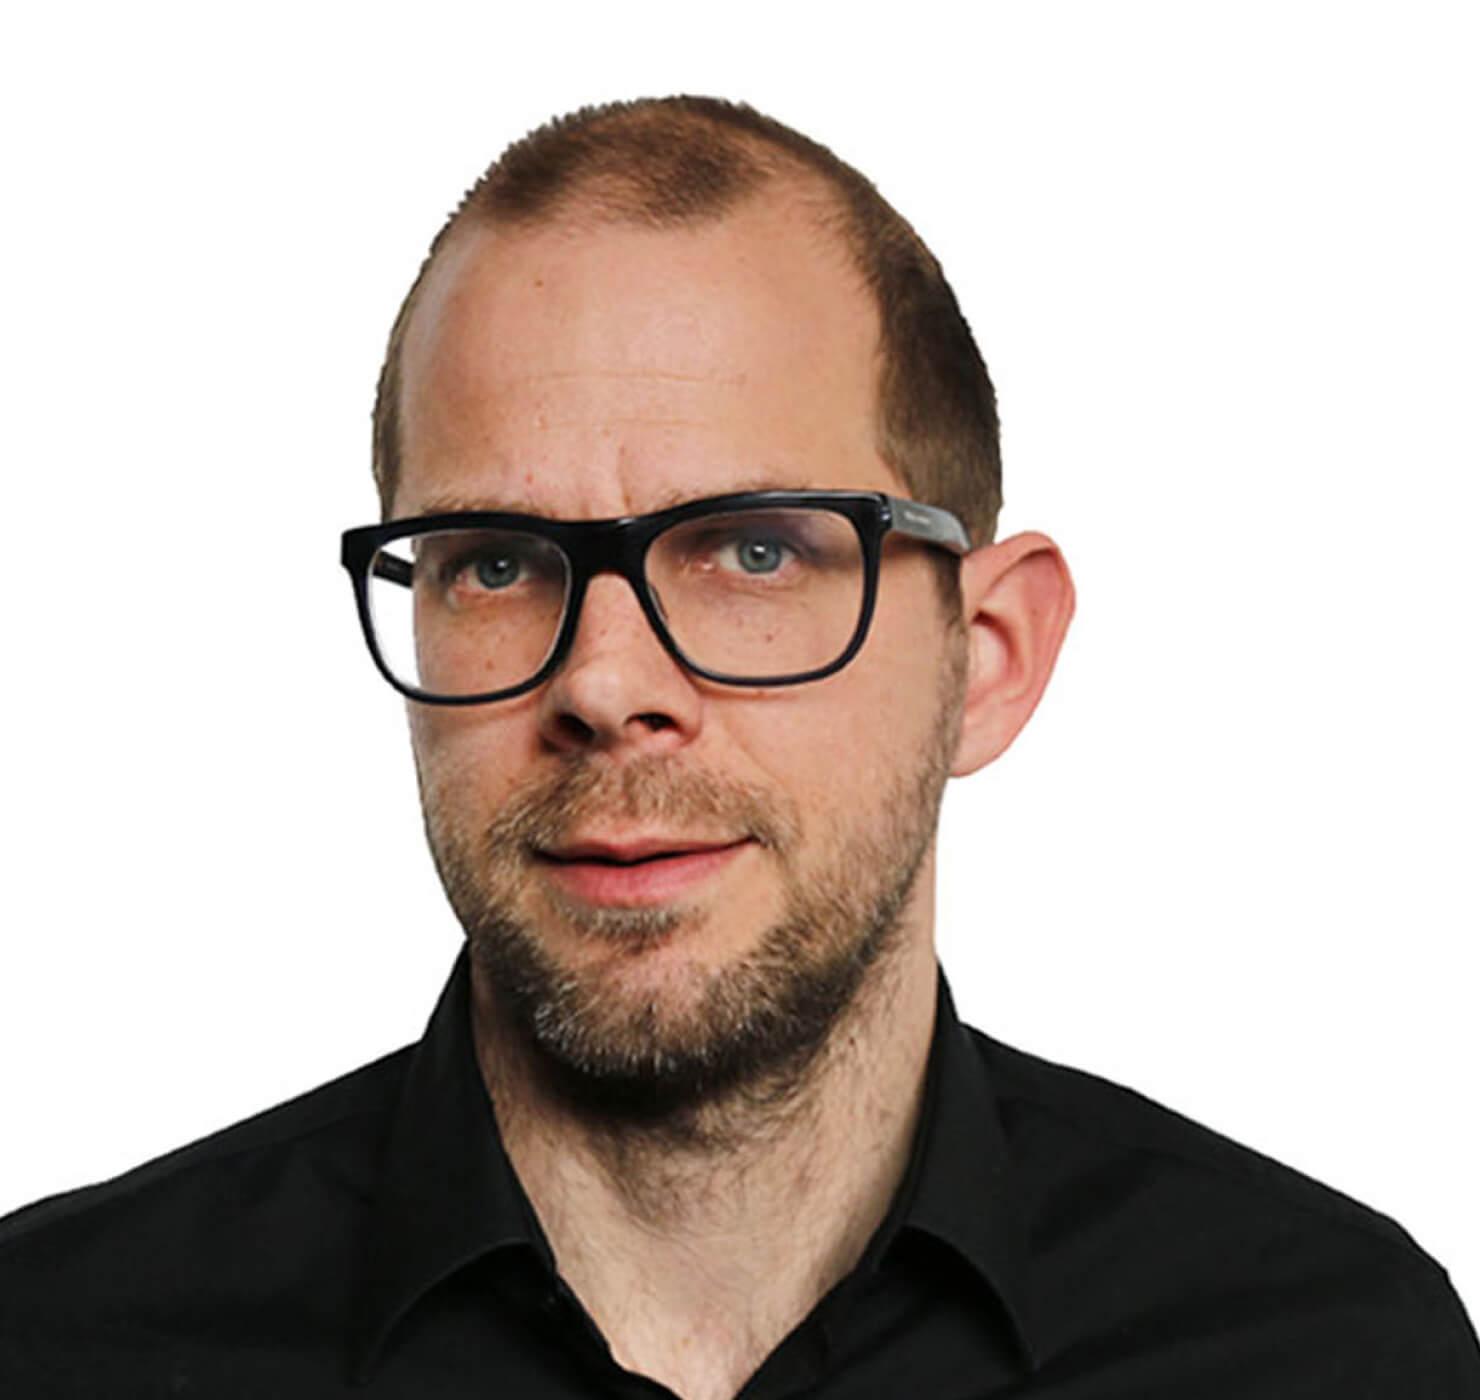 Gideon Maasland